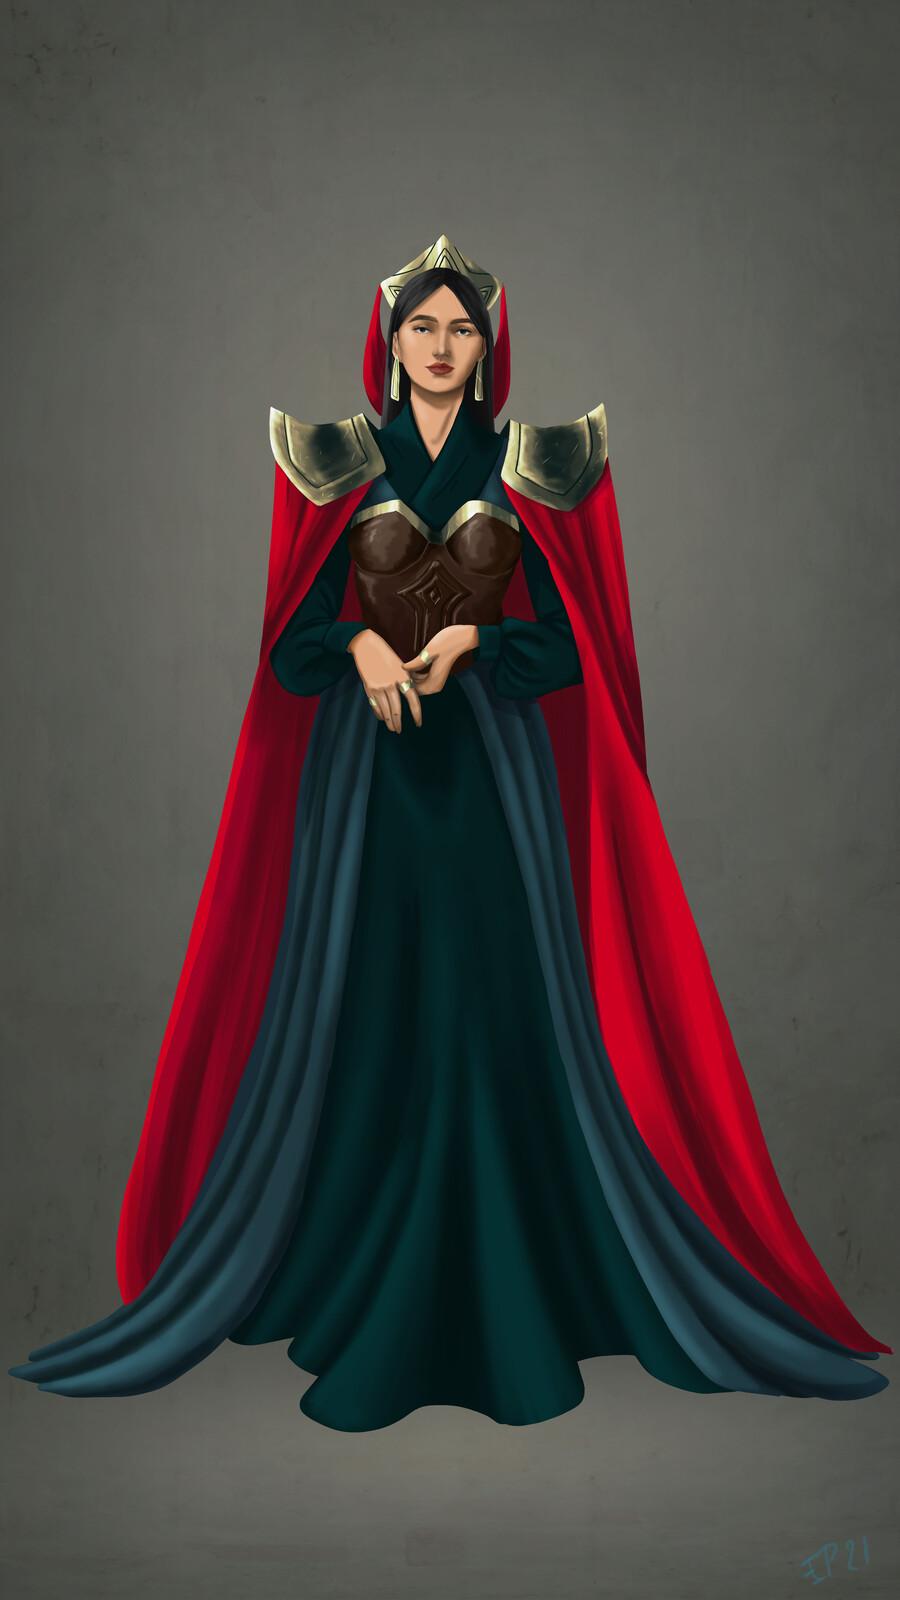 Queen Character Design